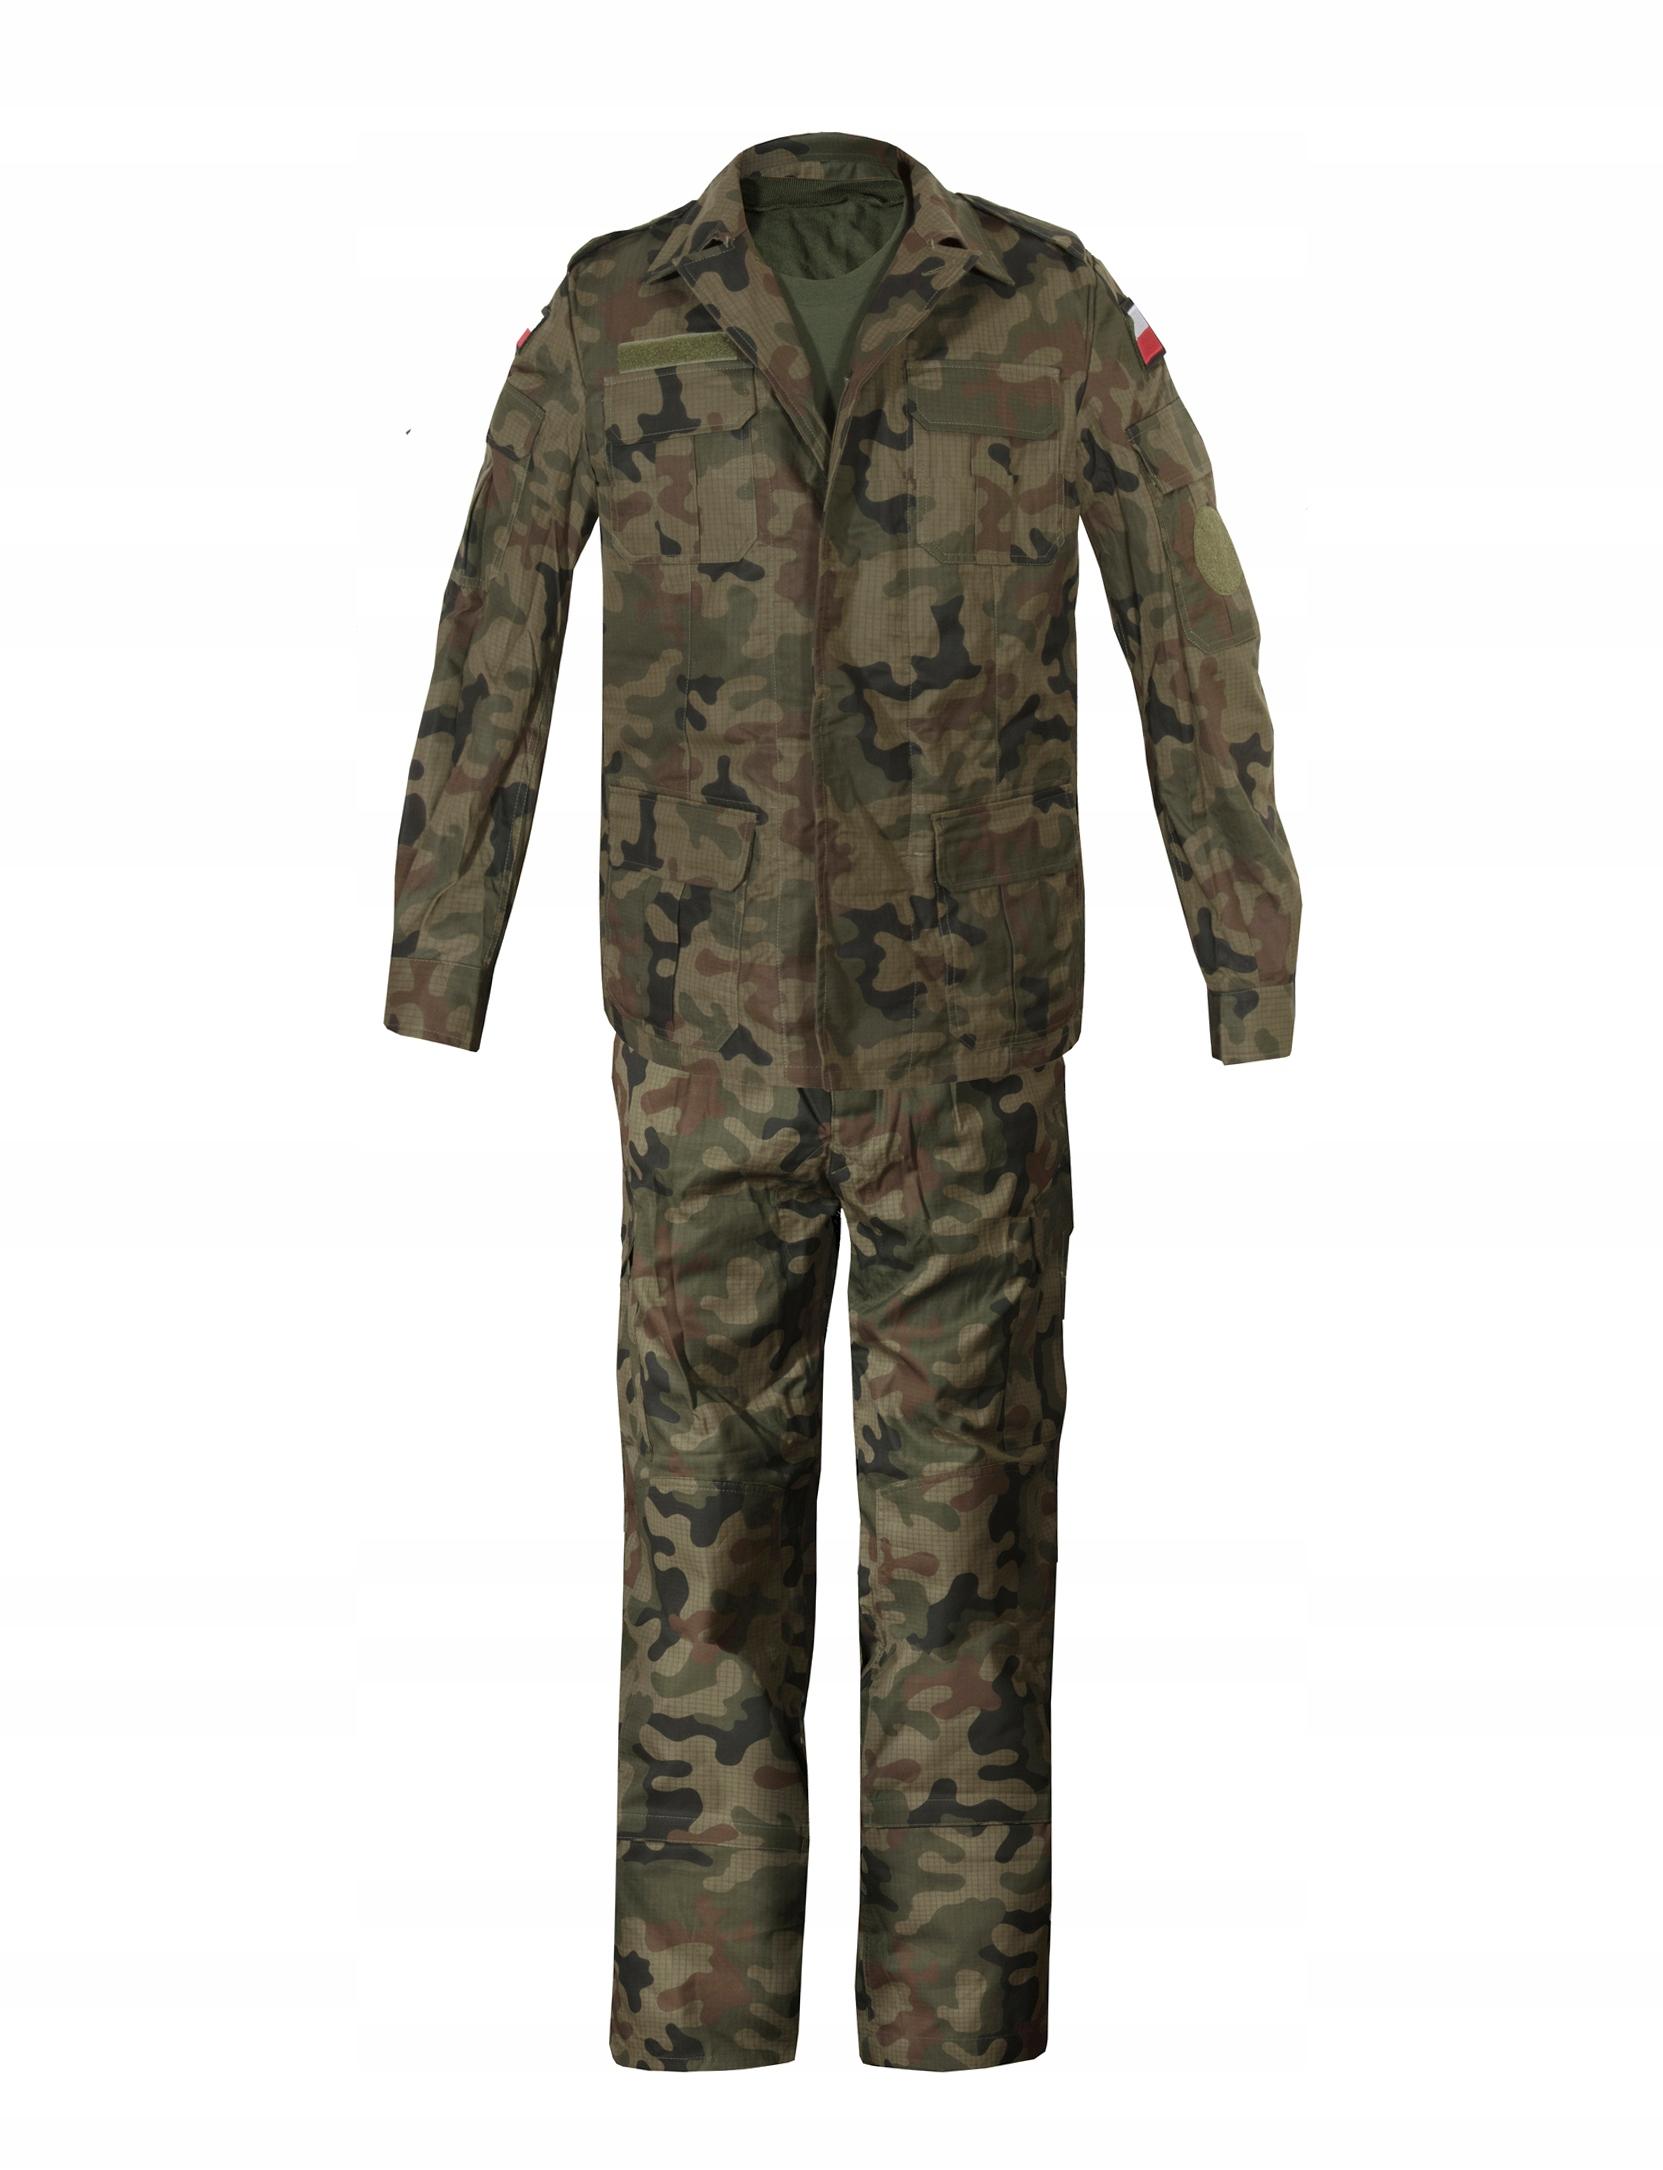 Wojskowy Letni Mundur Polowy Rip Stop Wz 93 7275414163 Allegro Pl